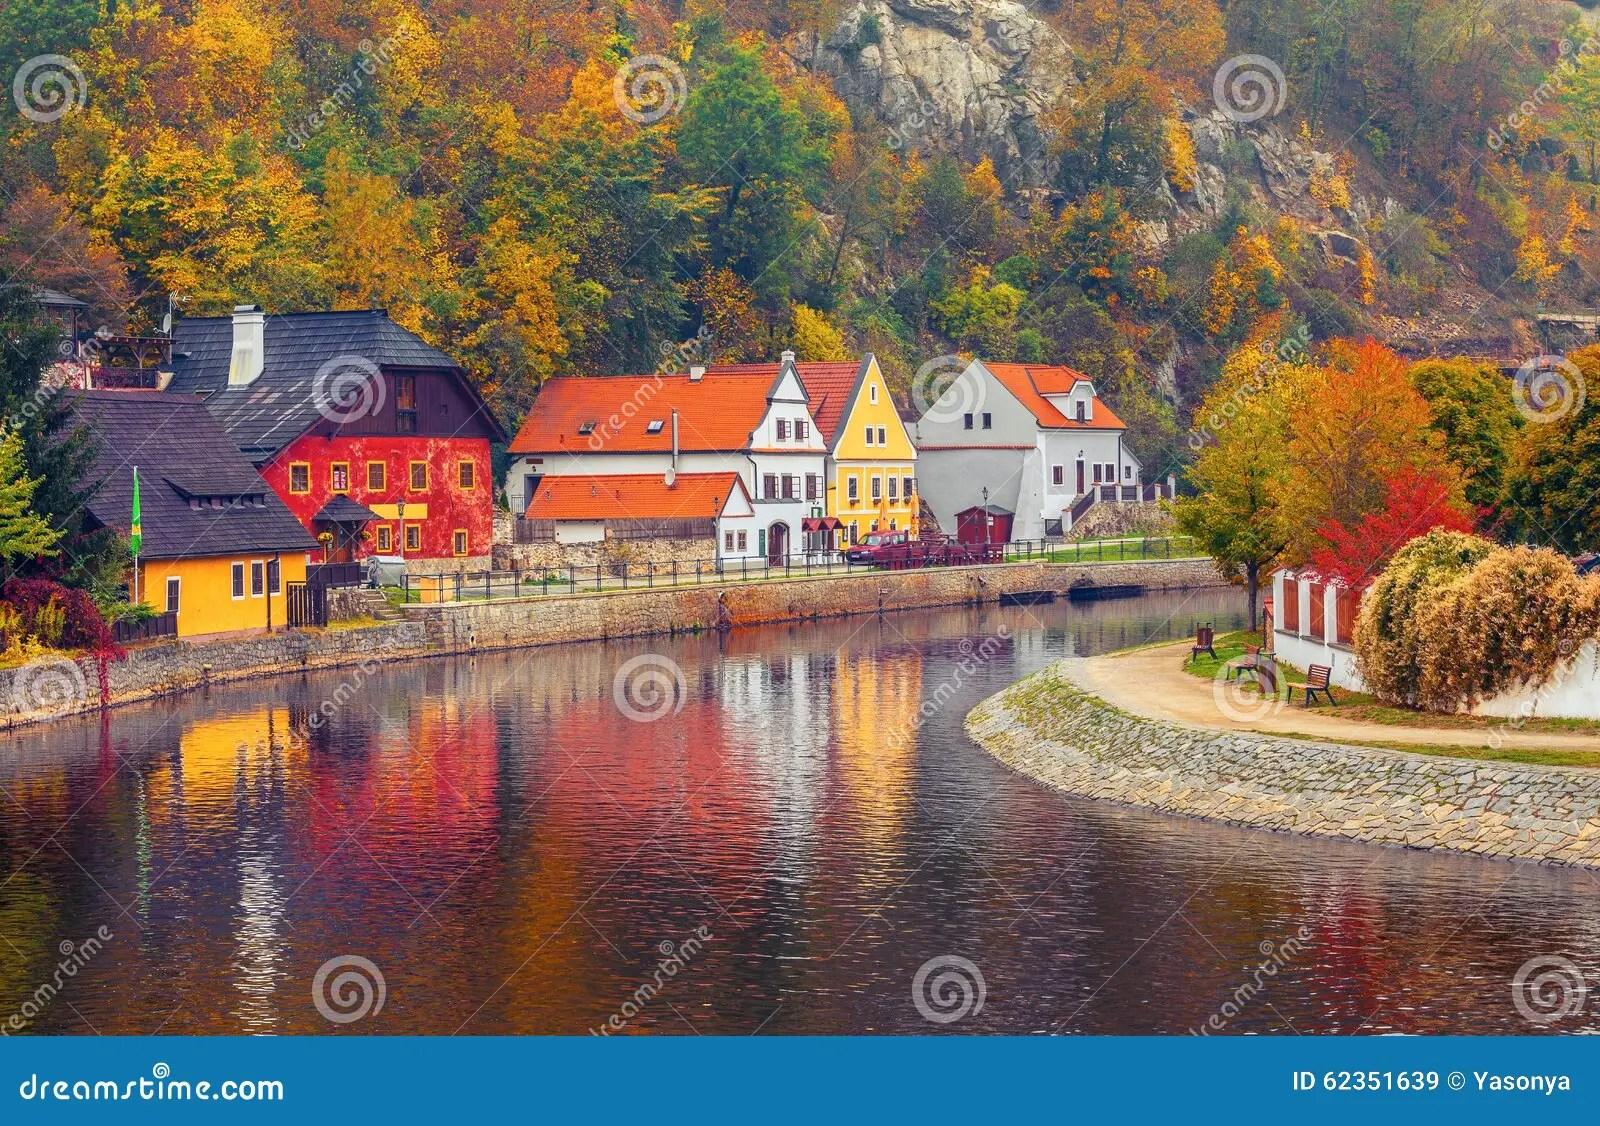 Paesaggio Autunnale Con La Casa Colorata Sopra Il Fiume Immagine Stock  Immagine di housetop europeo 62351639